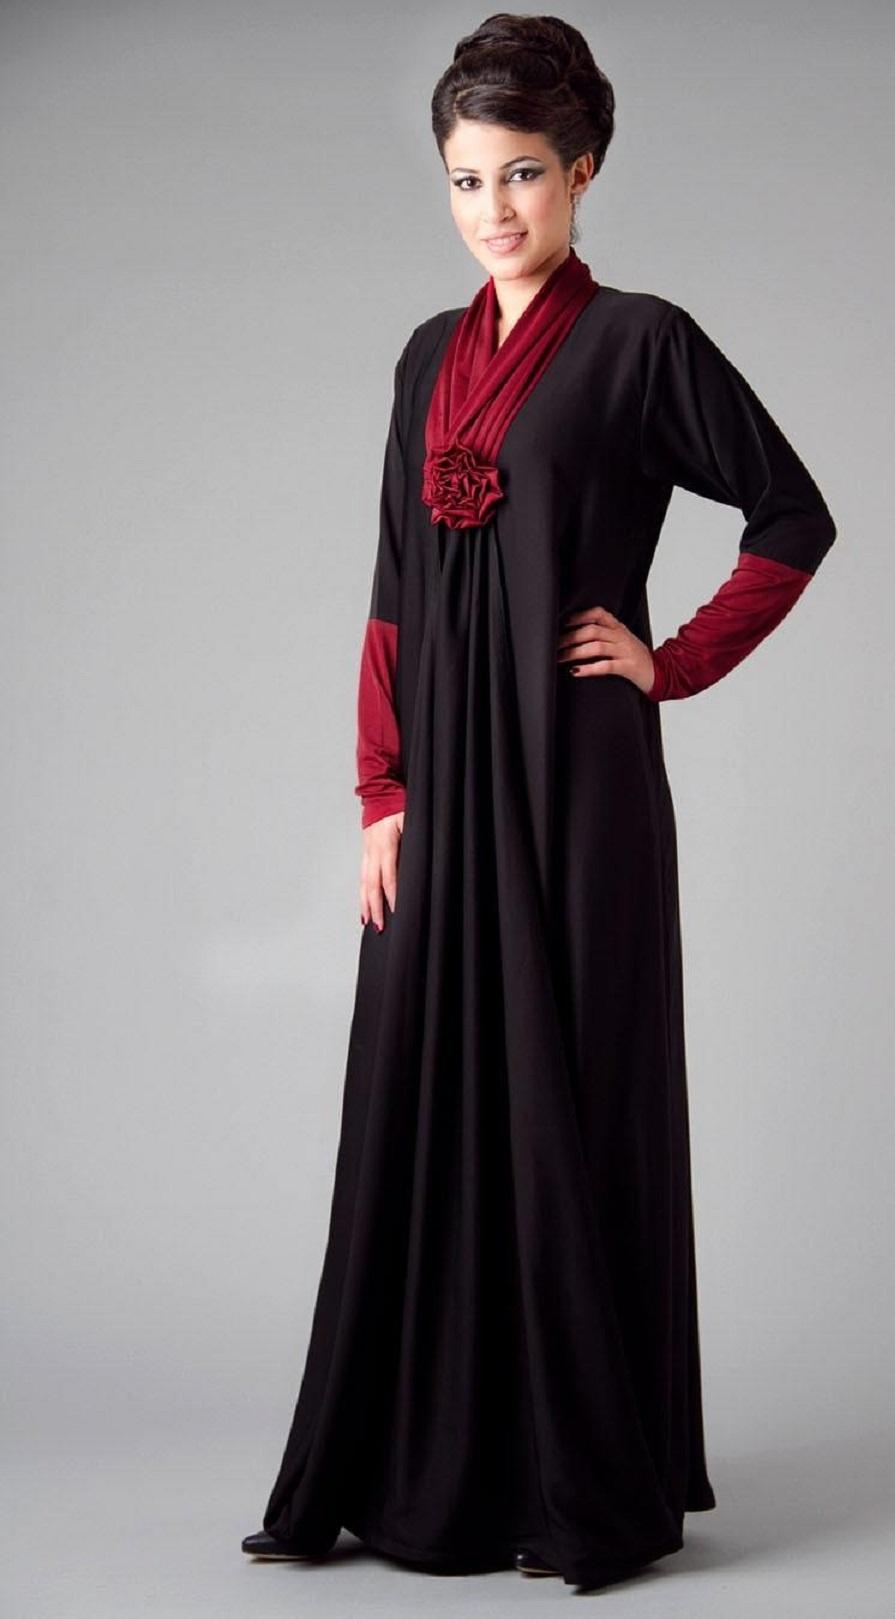 بالصور عبايات مغربية , المغرب وملابسه الجميله 5503